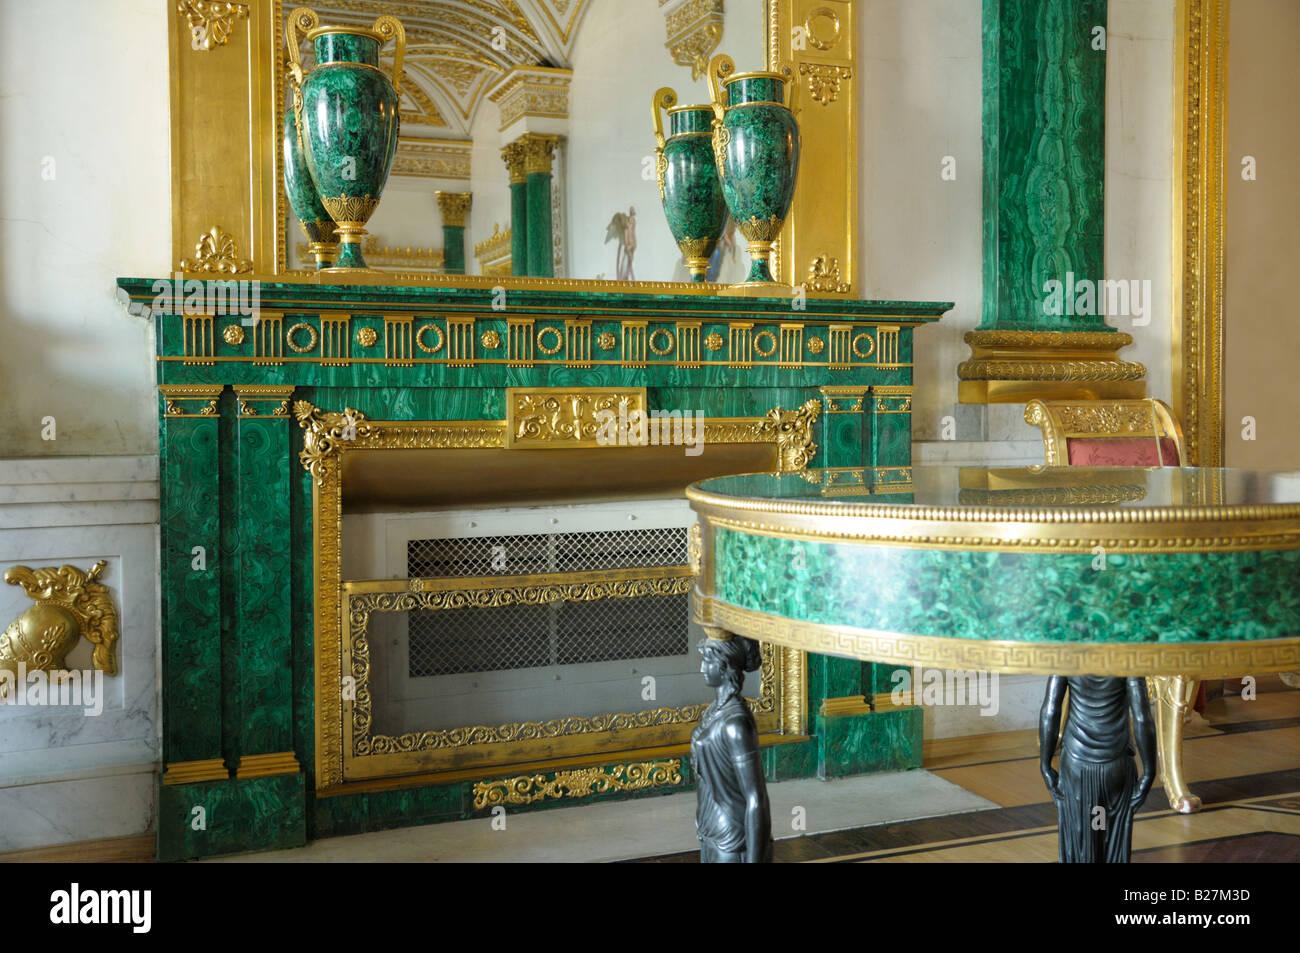 La sala de Malaquita en el Palacio de Invierno, San Petersburgo Foto de stock